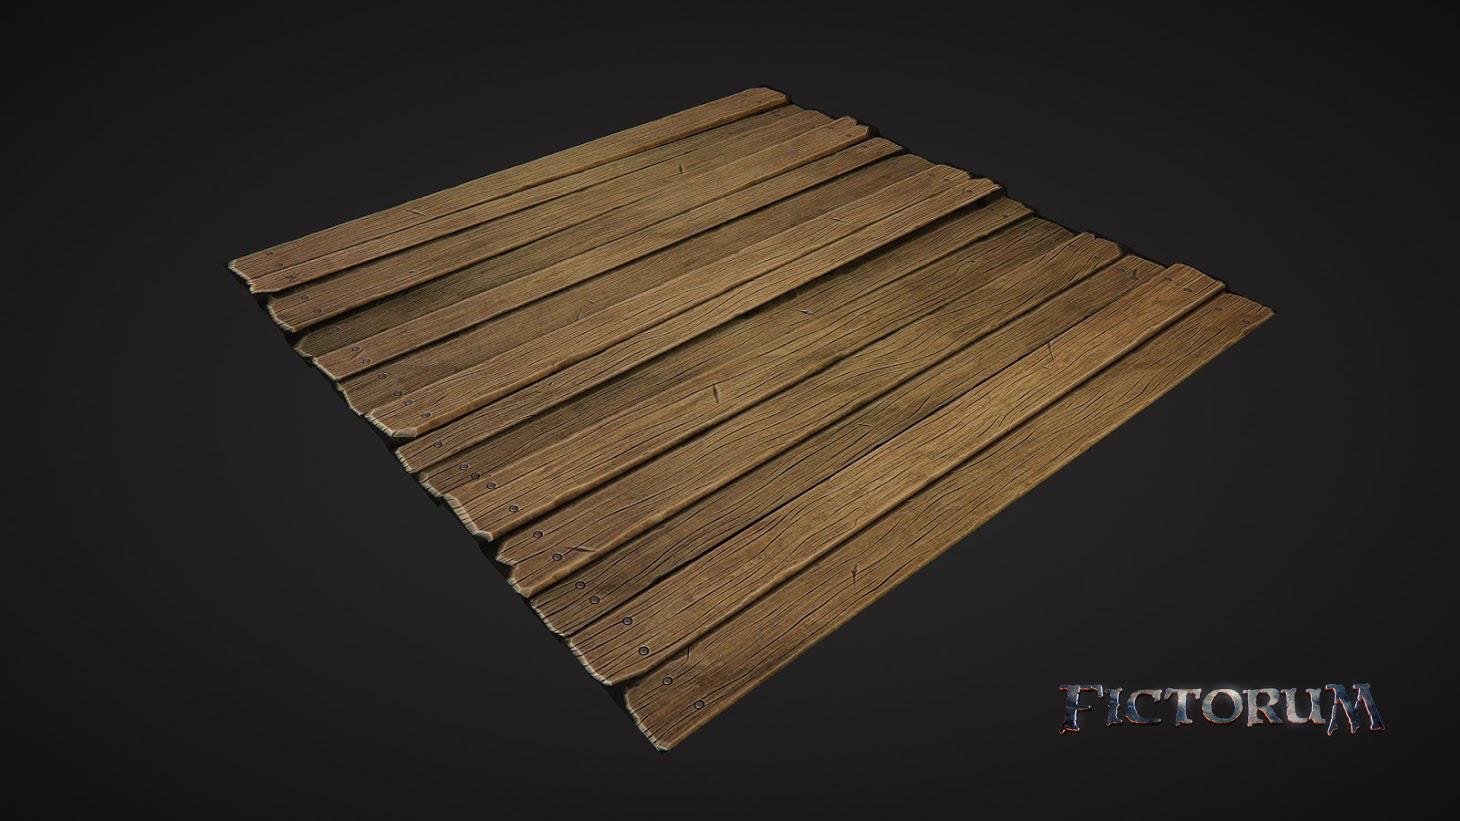 Fictorum Floorboards